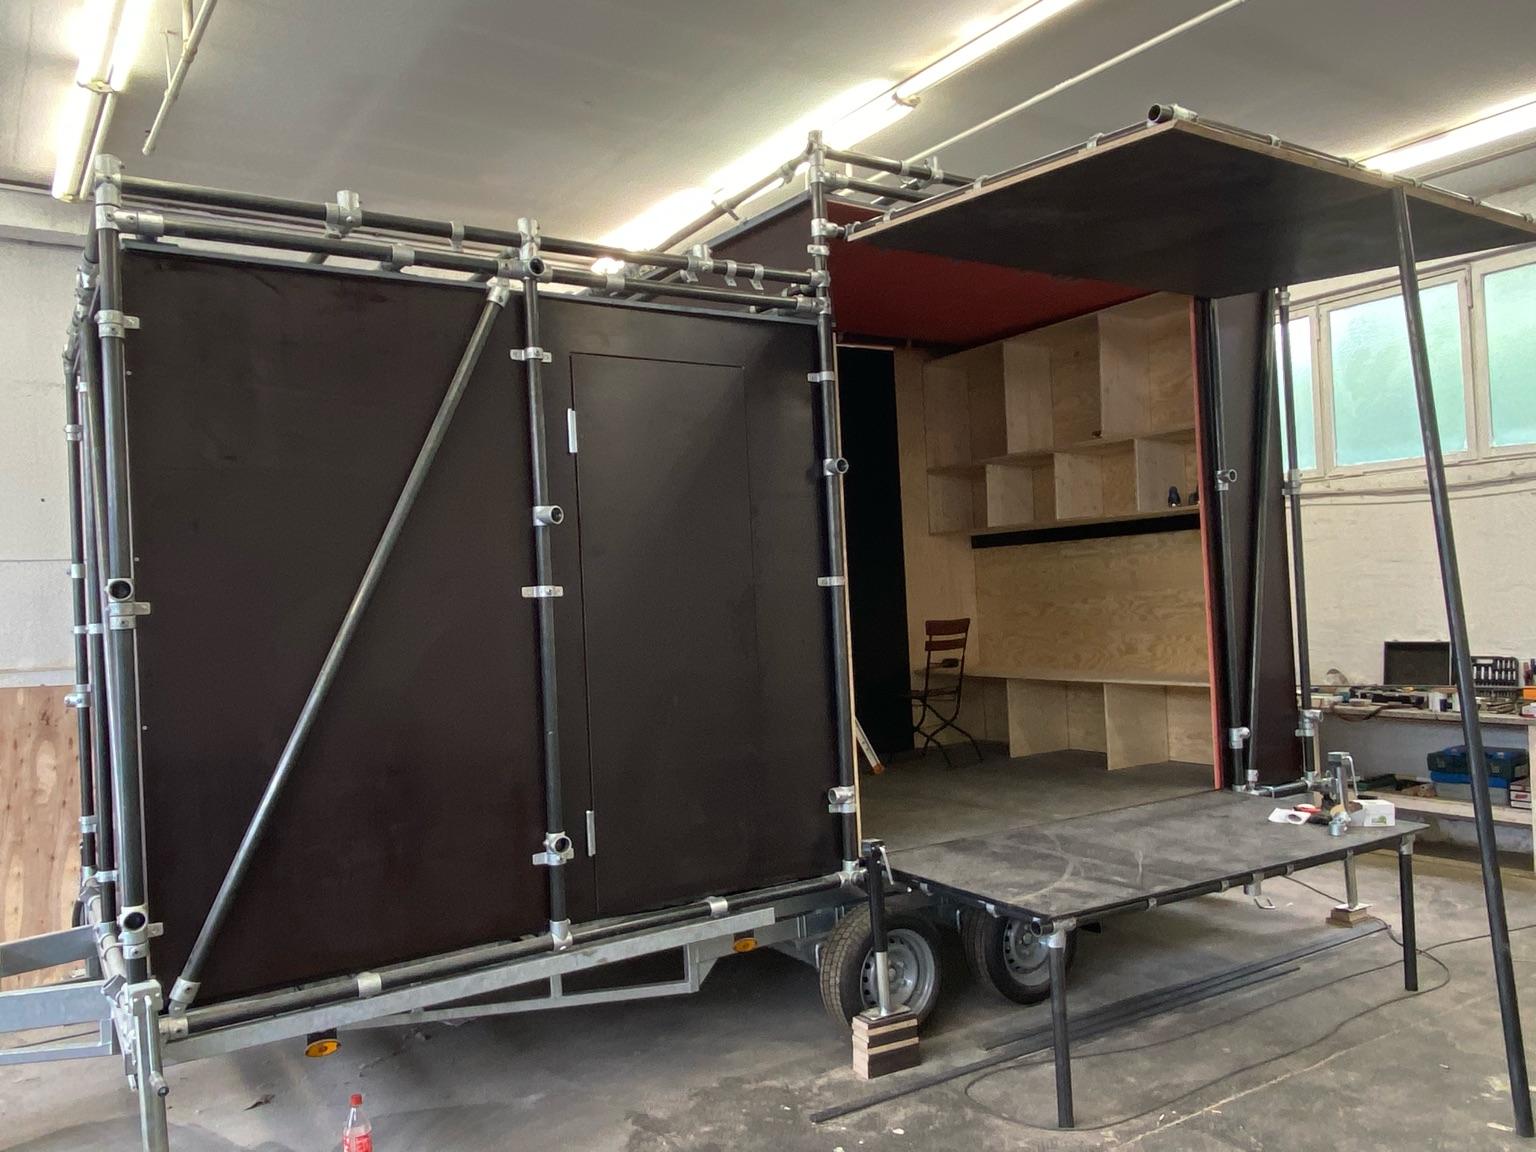 Der mobile Bauwagen, von der Seite fotografiert, steht in einer Werkstatt. Der Bauwagen ist an der Seite nach oben aufgeklappt, sodass man hinein schauen kann.